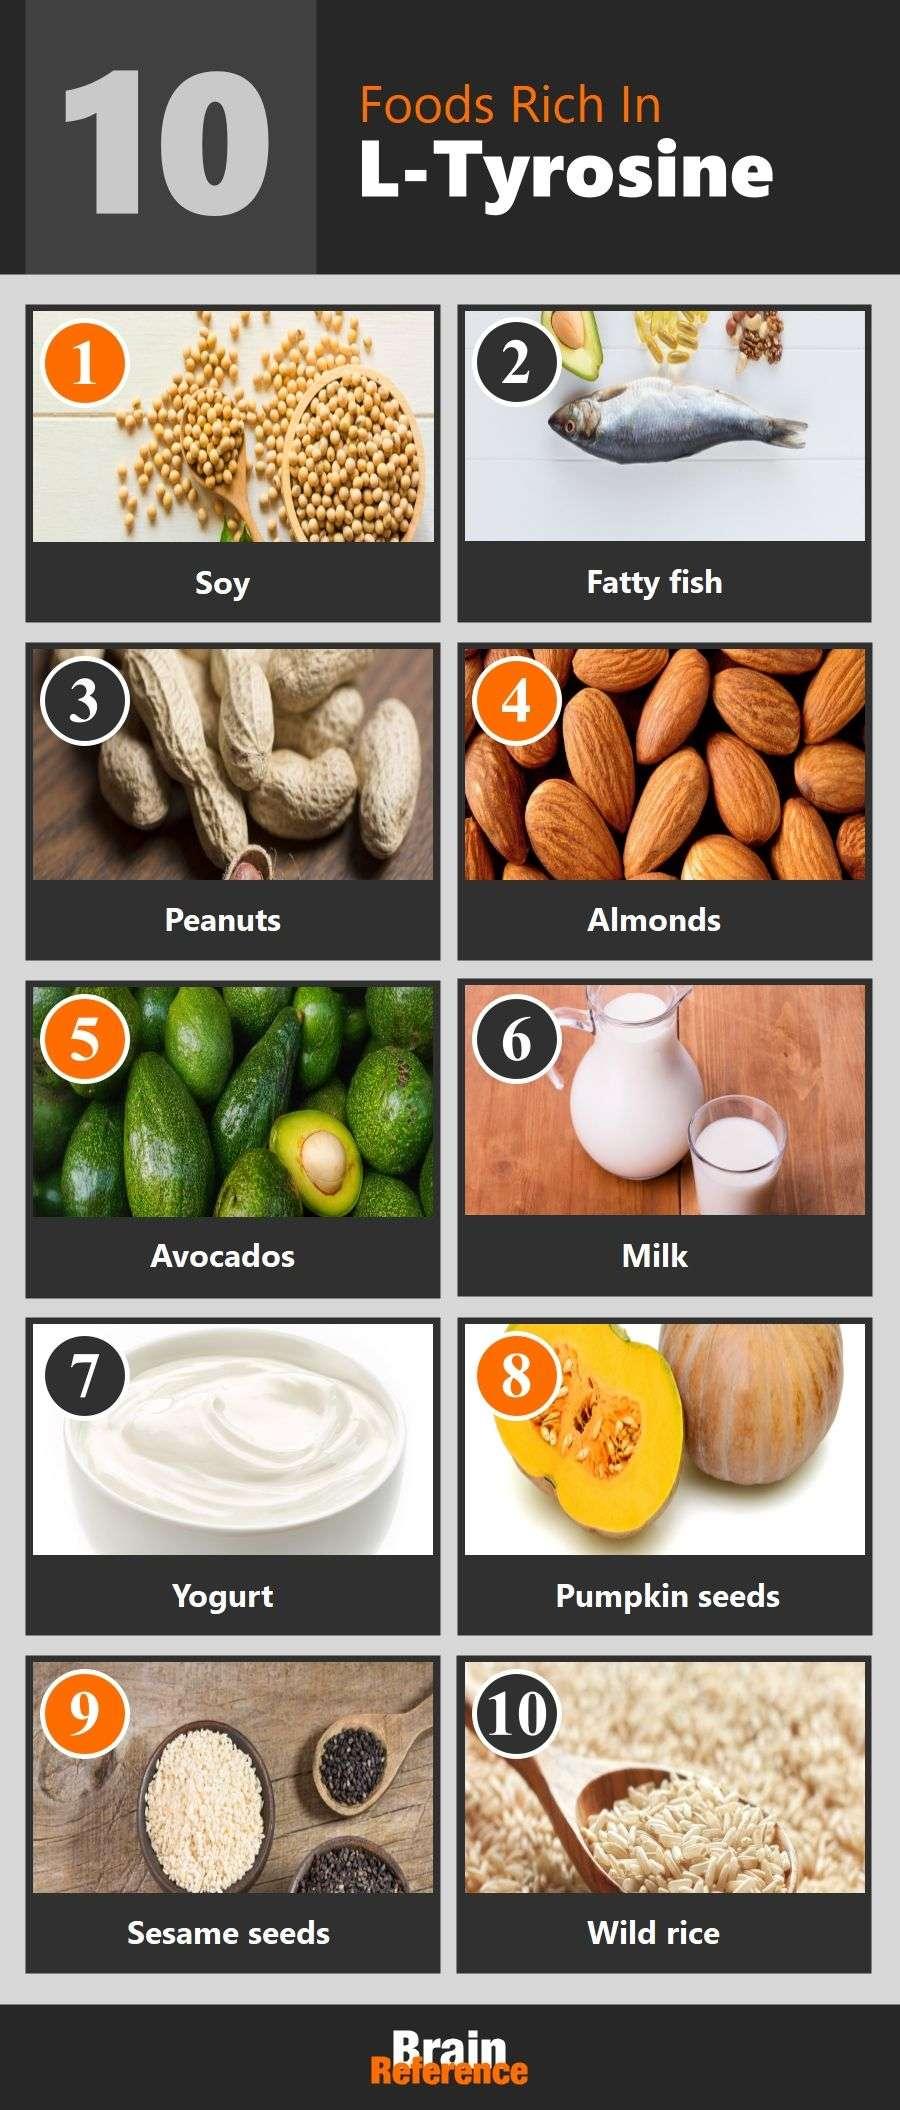 BodyQuick-BrainQuicken-L-Tyrosine-Rich-Foods